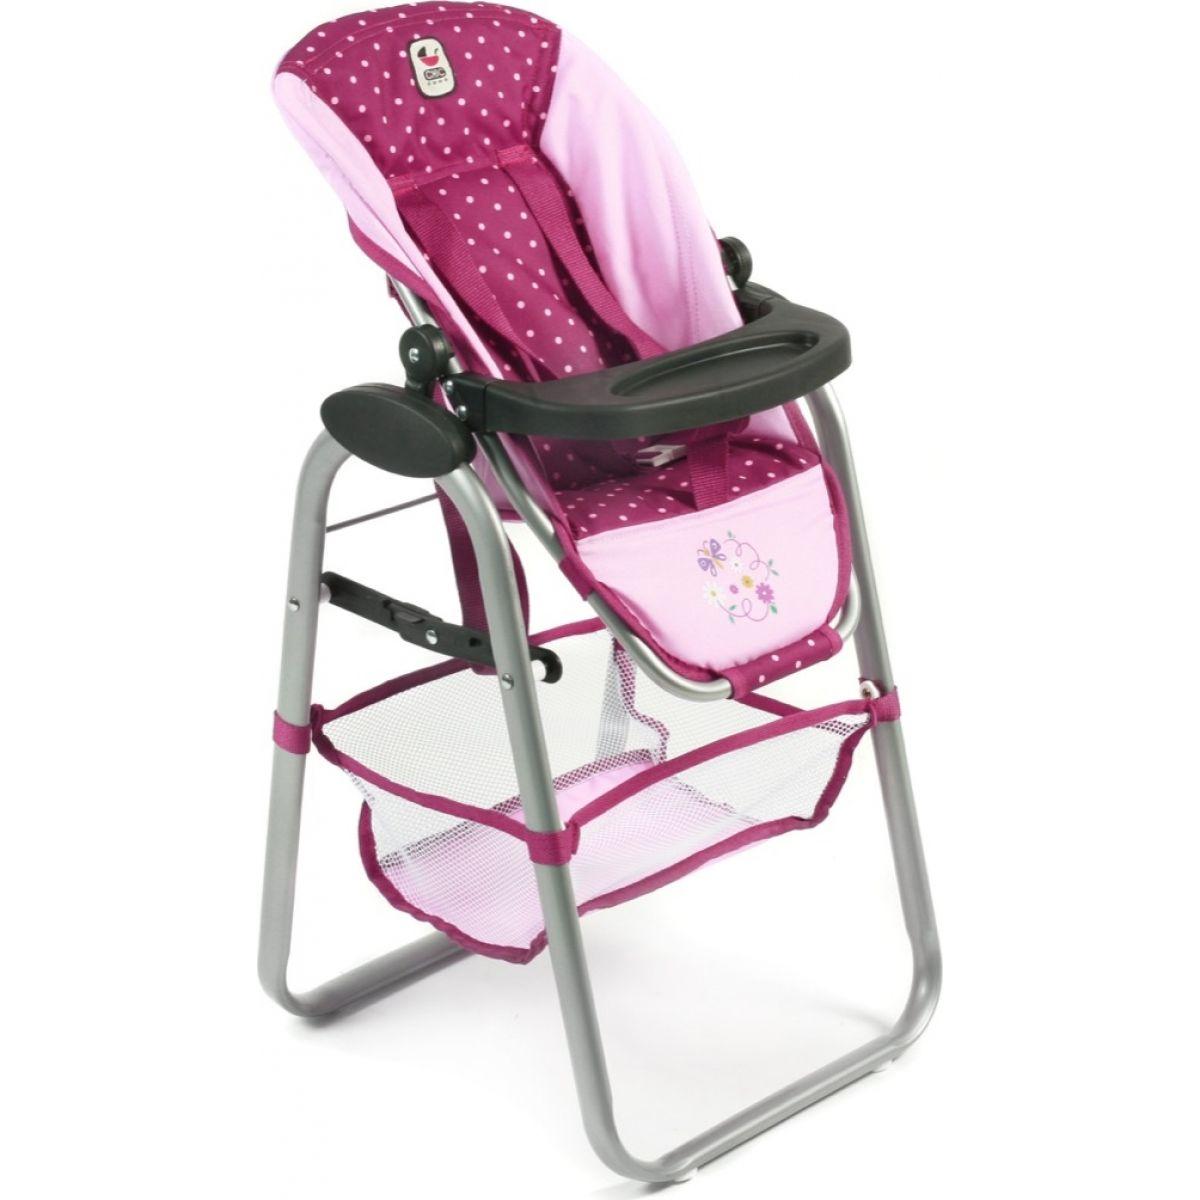 Bayer Chic Jídelní židlička pro panenku - Dots Brombeere